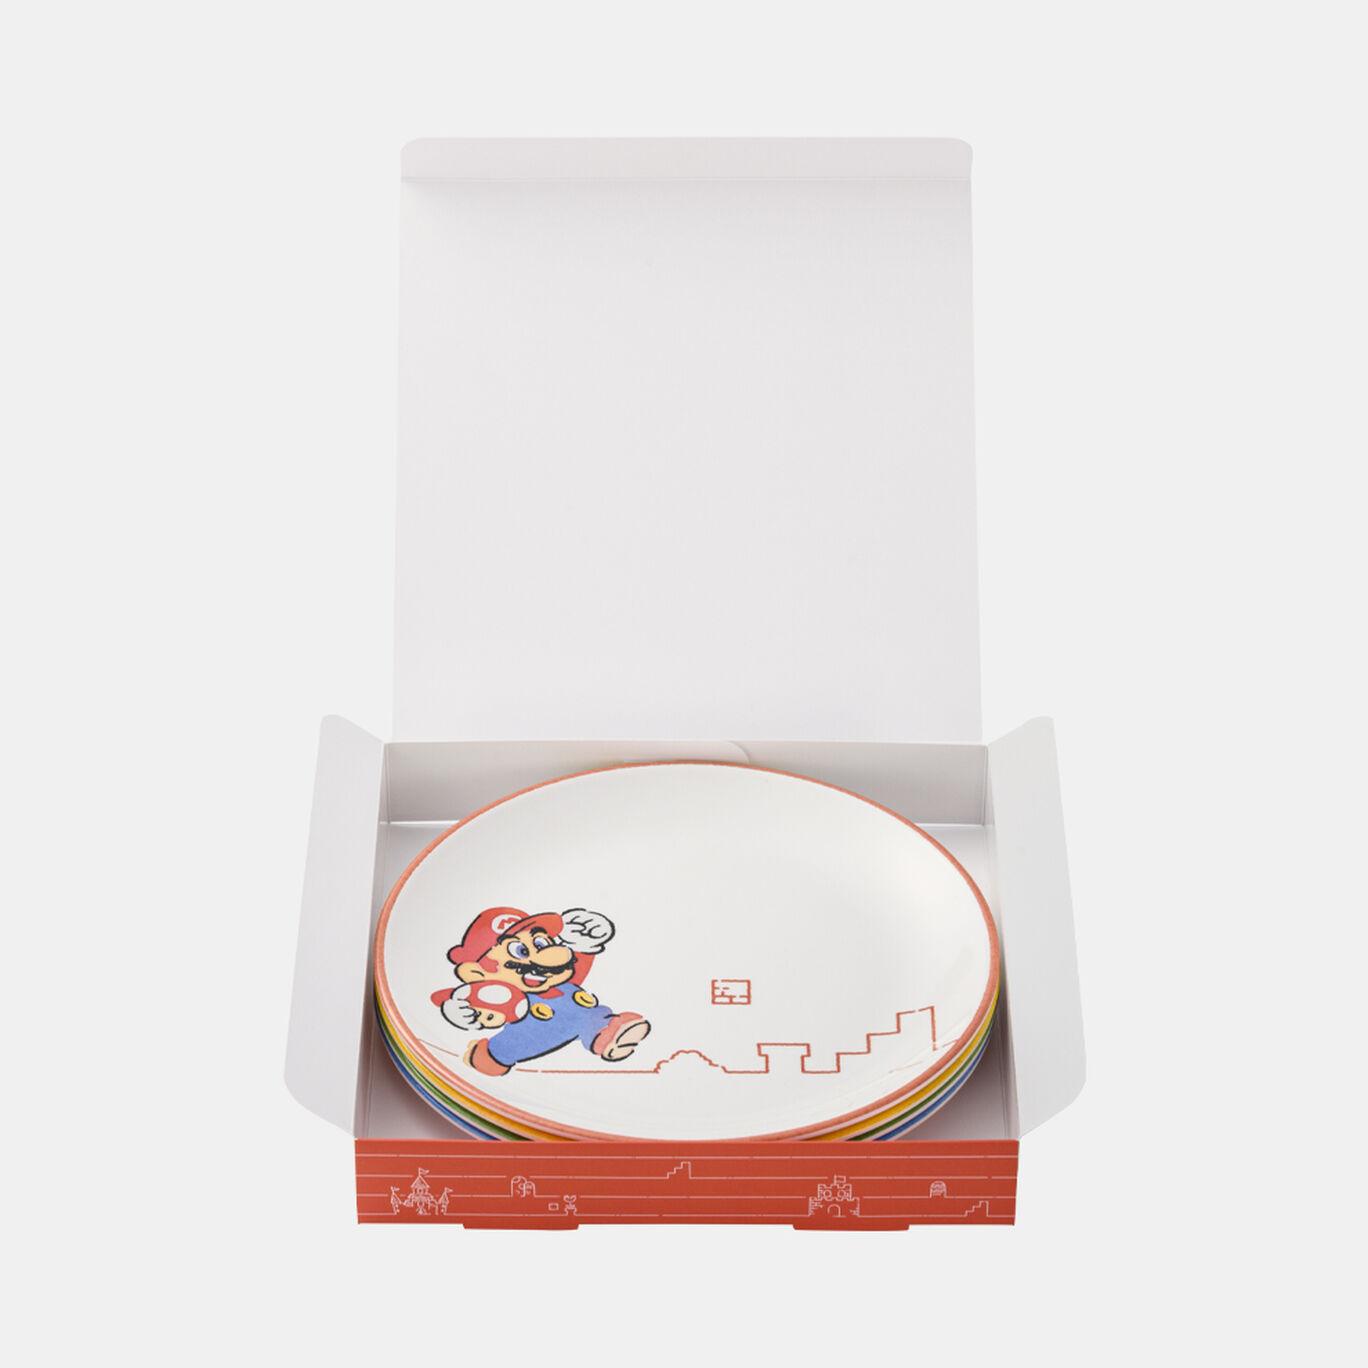 メラミンプレート 4個セット スーパーマリオファミリーライフ【Nintendo TOKYO取り扱い商品】